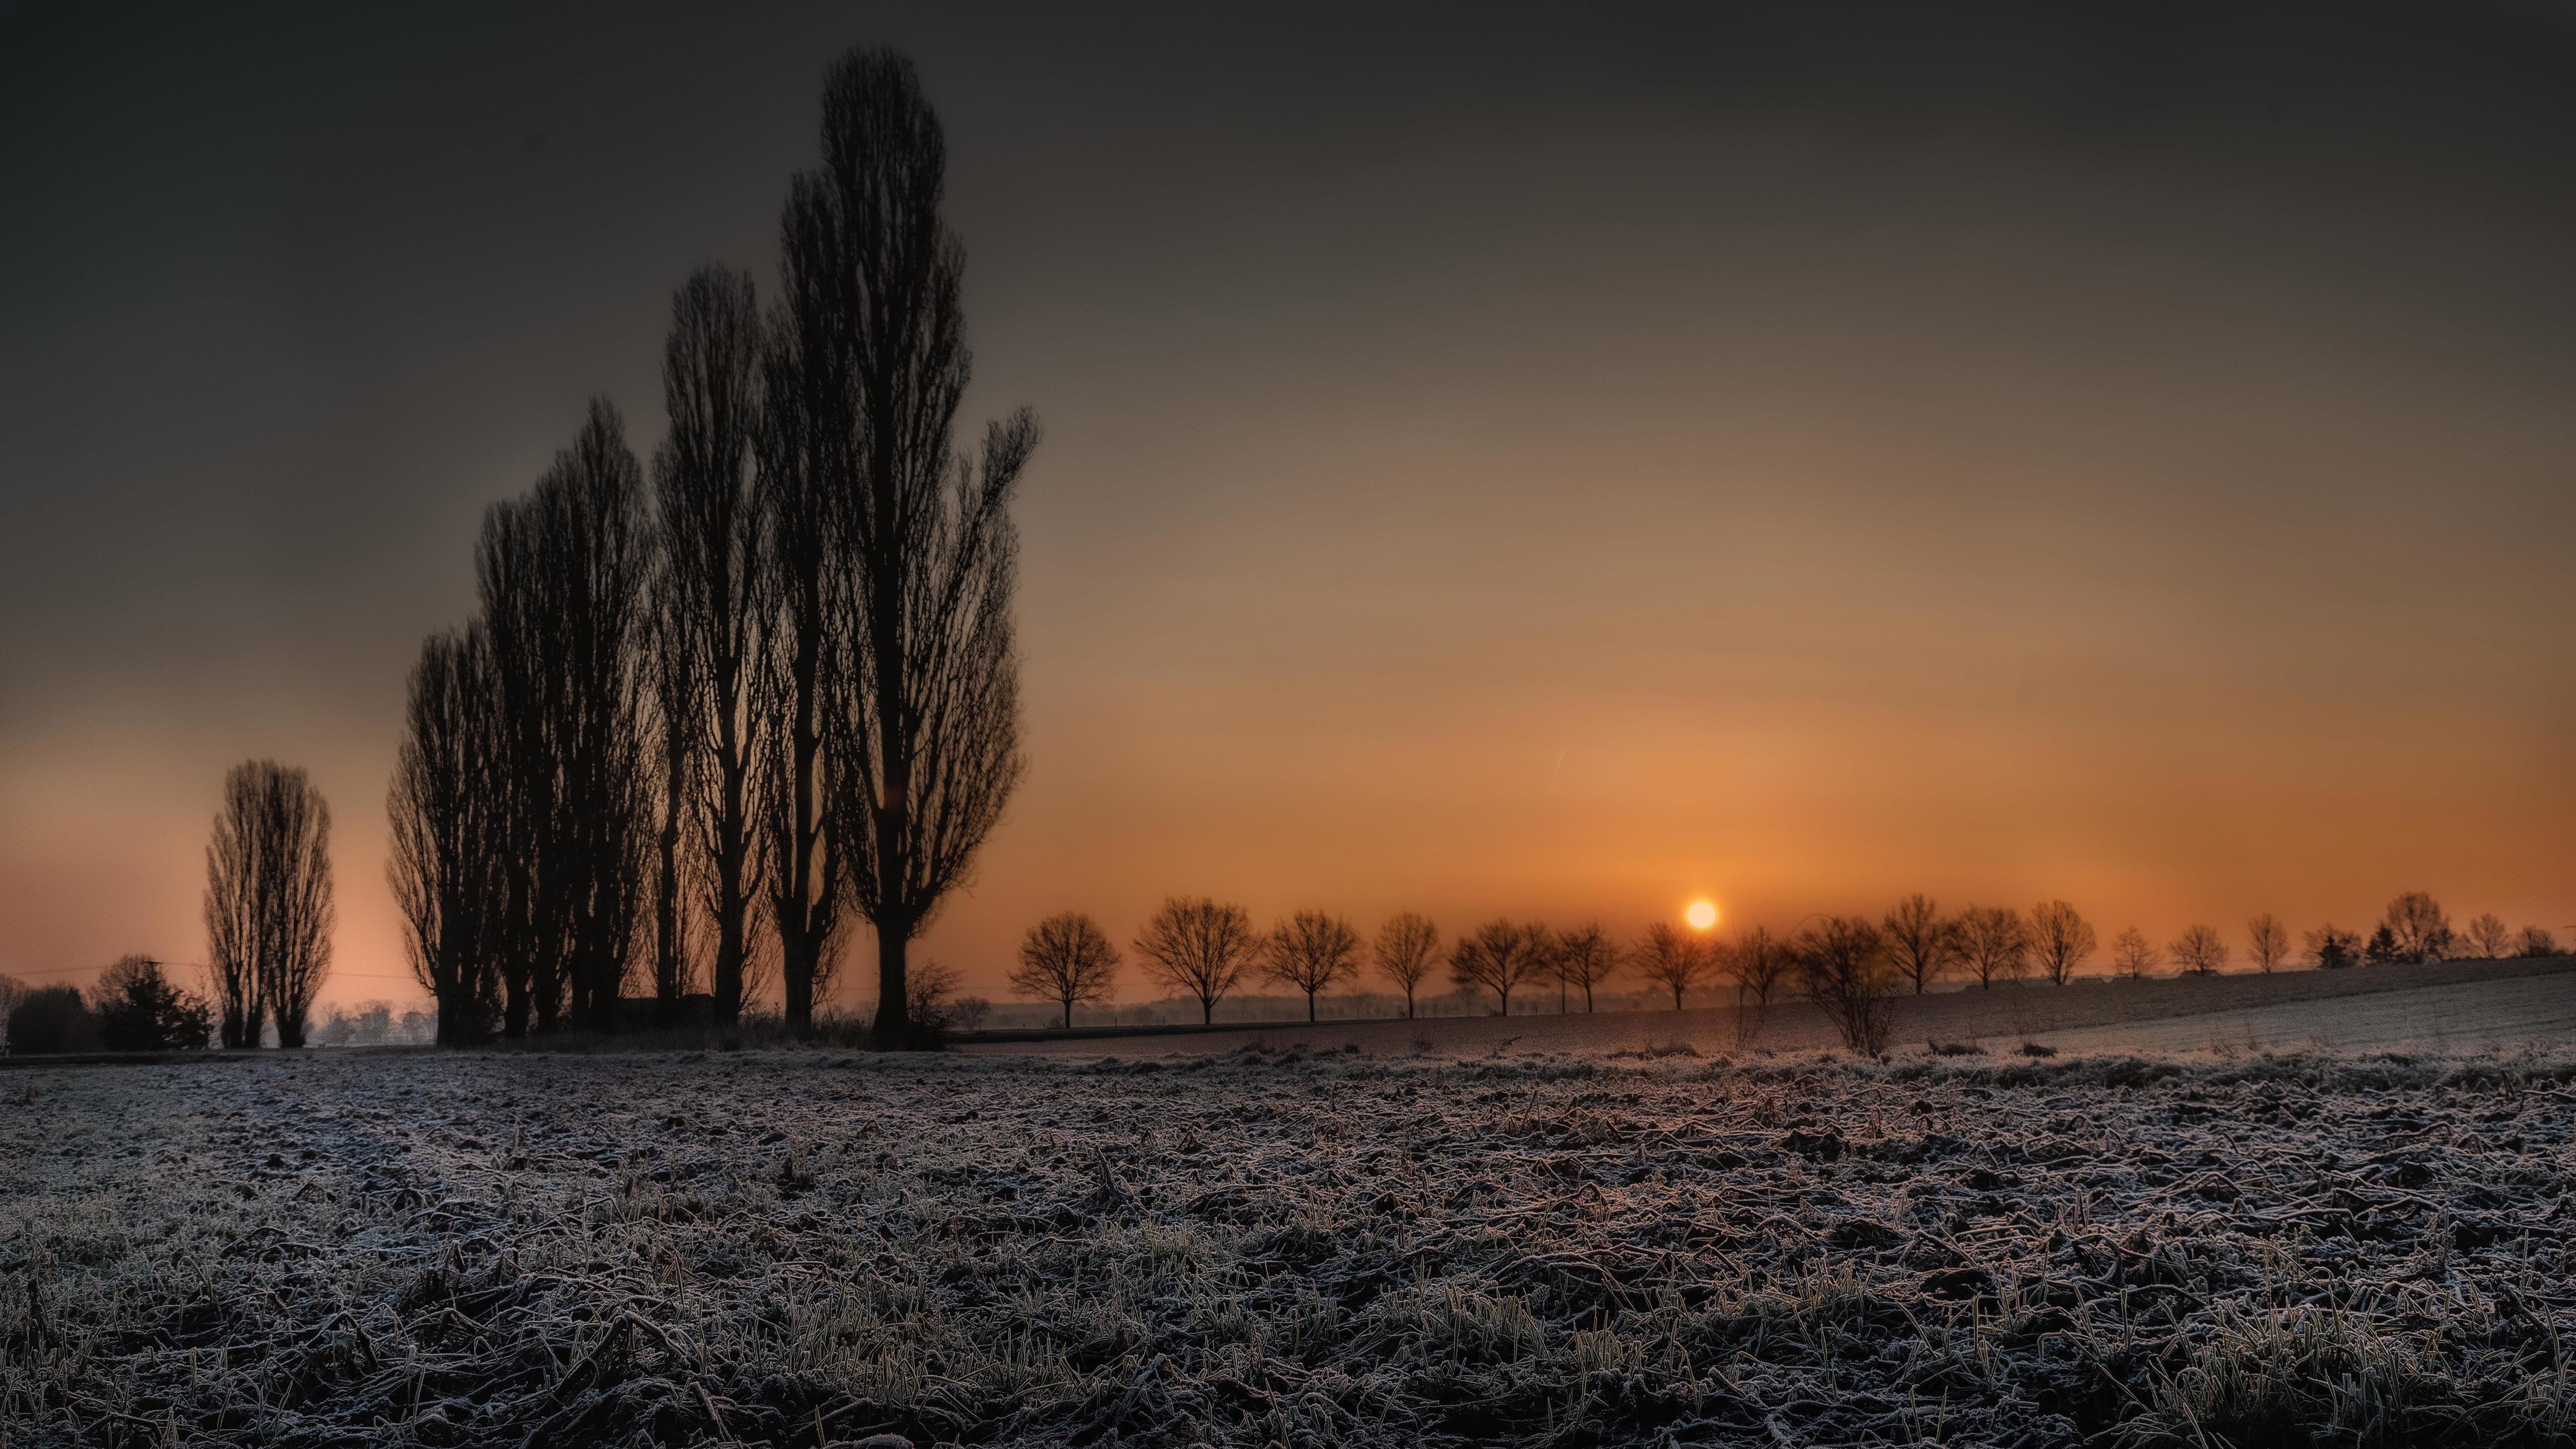 Силуэт деревьев на сухом поле во время заката природа обои скачать